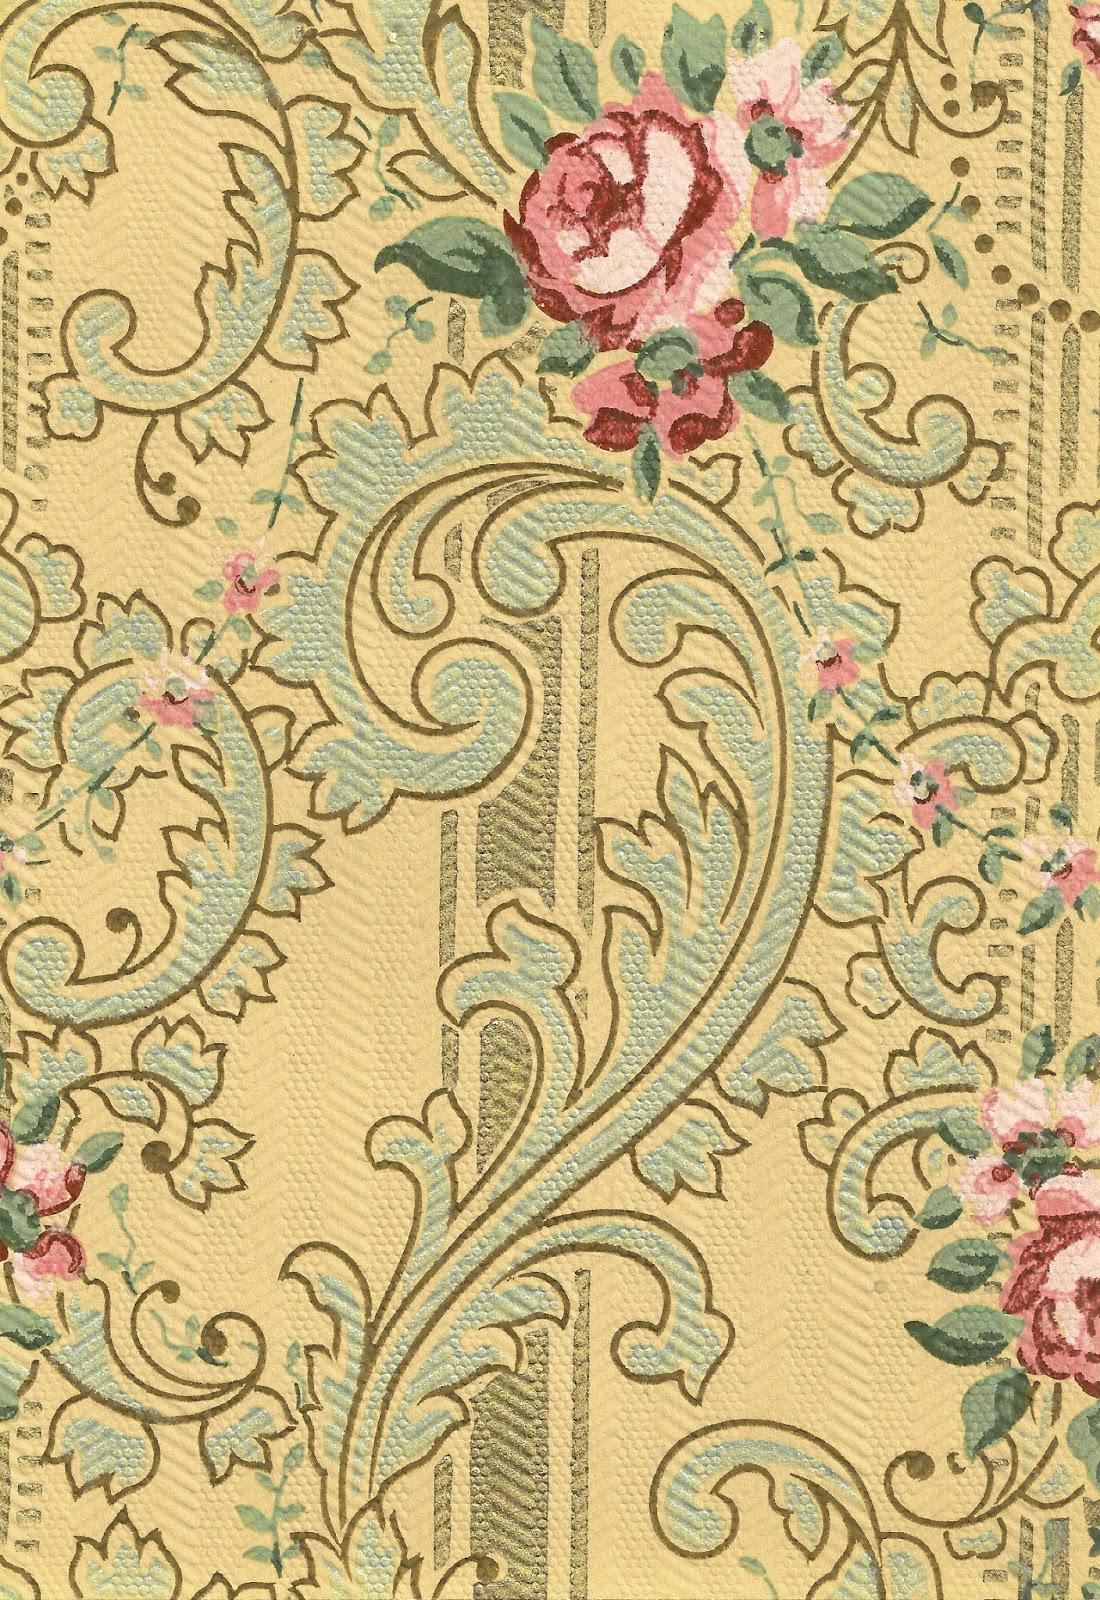 background victorian wedding rose vintage floral pattern digital clipart